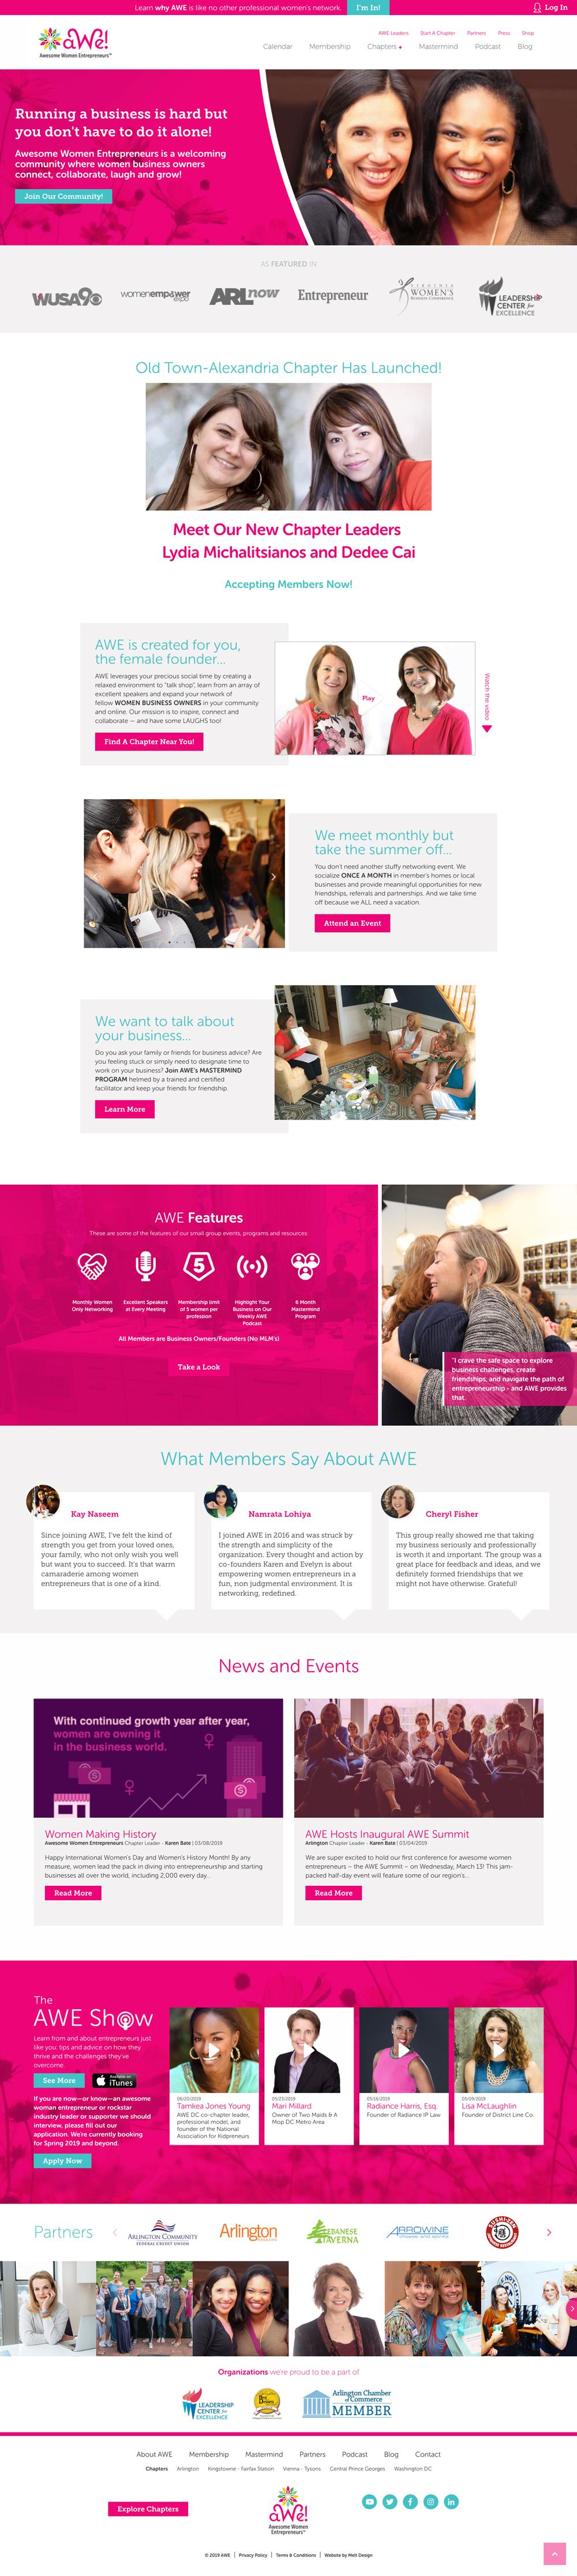 awesome-women-entrepreneurs-homepage-op.jpg